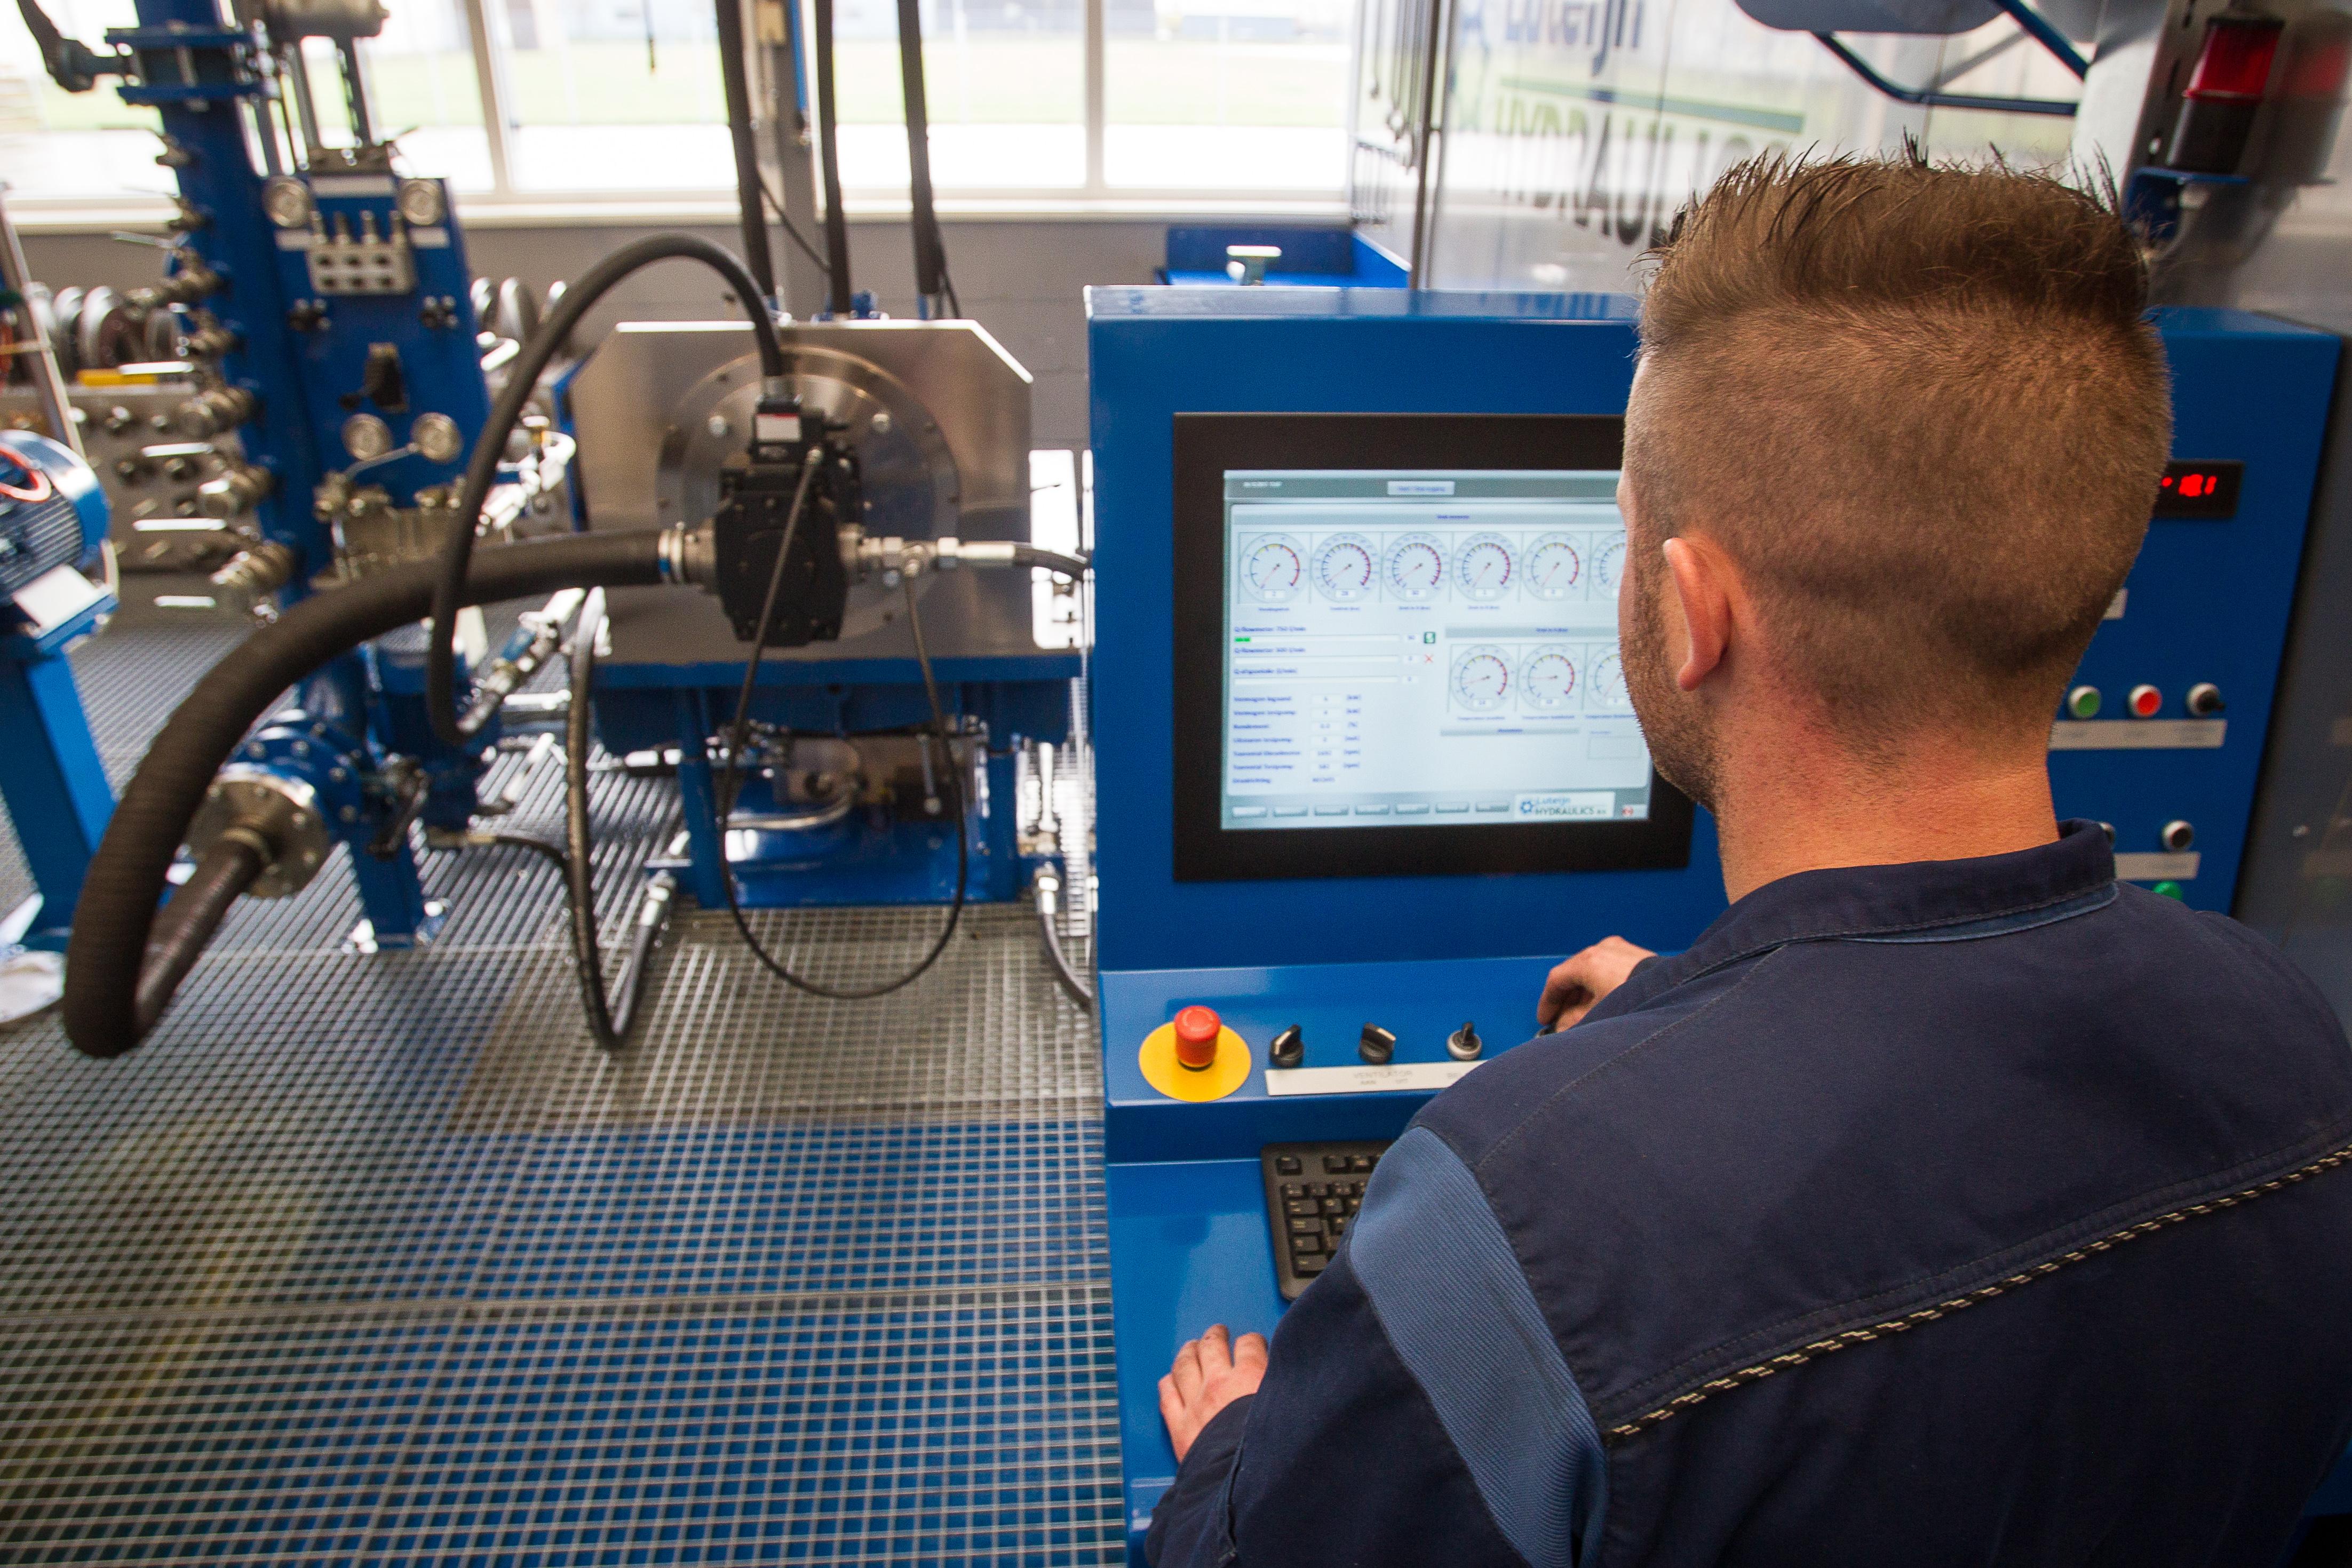 <p>Bij Luteijn wordt elke gereviseerde hydraulische component uitvoering gecontroleerd voordat hij weer in een machine wordt gehangen. </p>